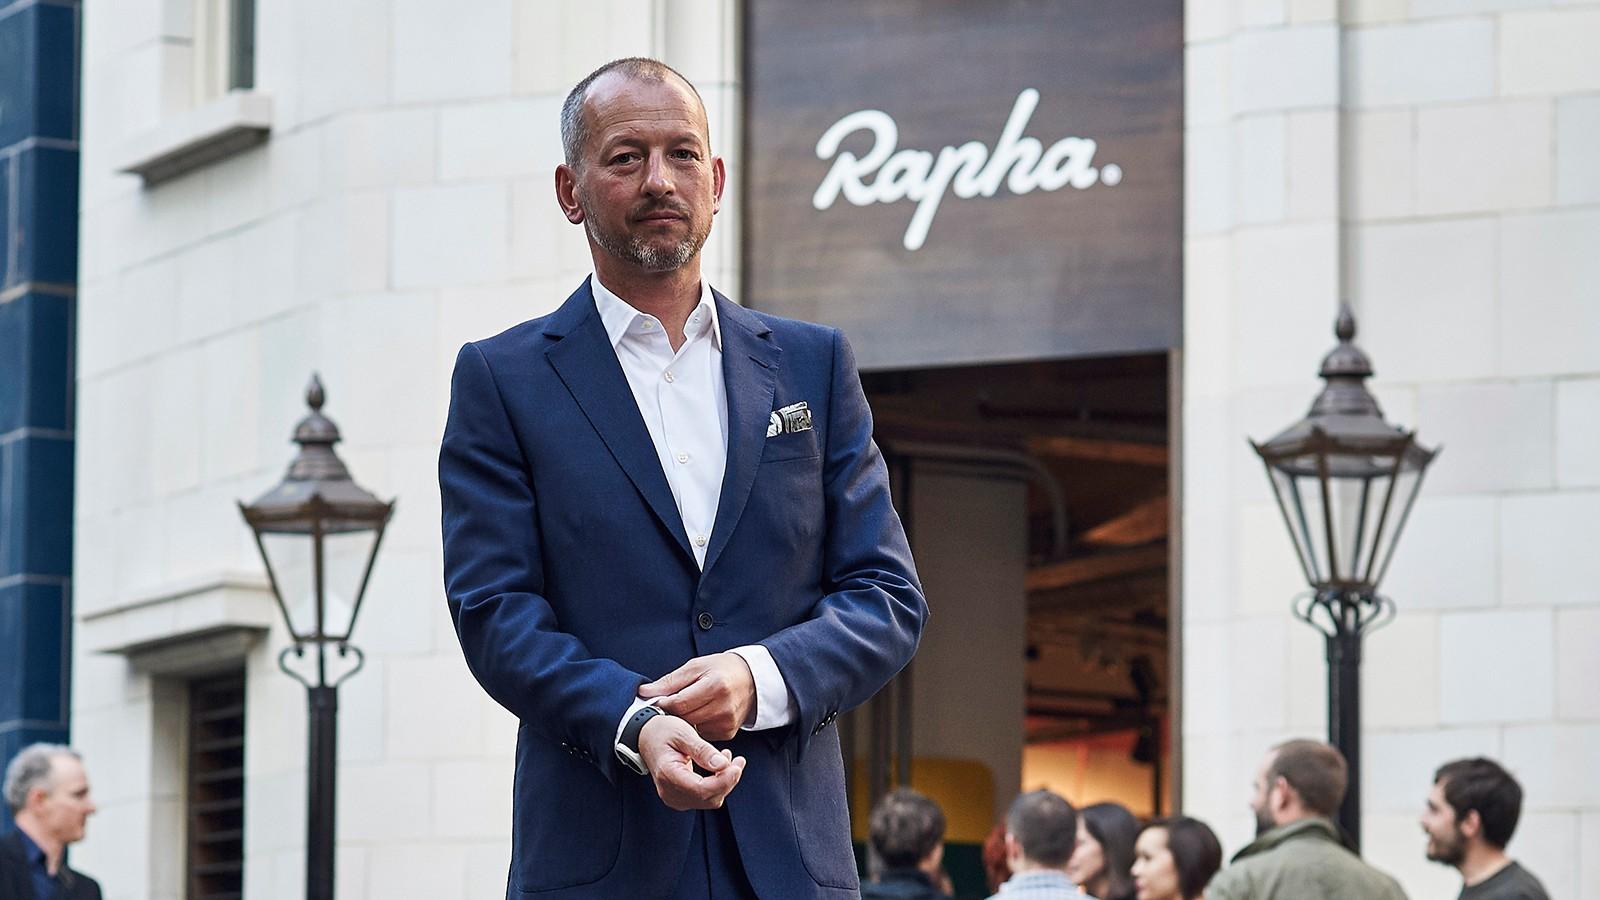 Rapha's founder, Simon Mottram